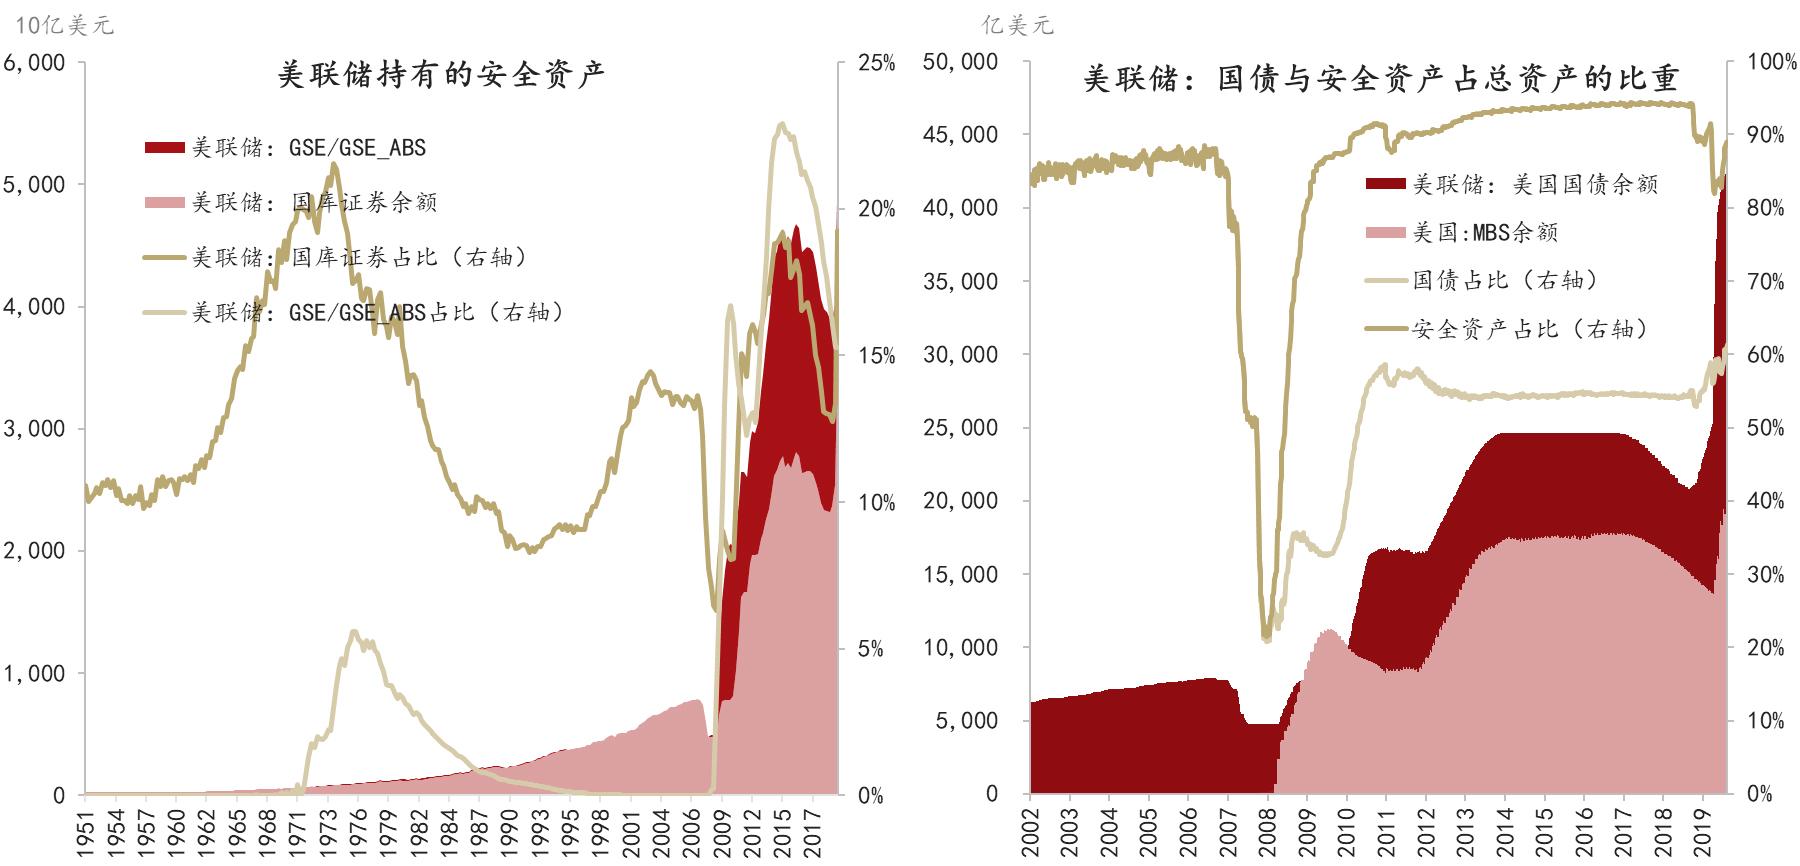 图4:美联储持有的美国国债余额/占比 数据来源:美联储,CEIC,东方证券